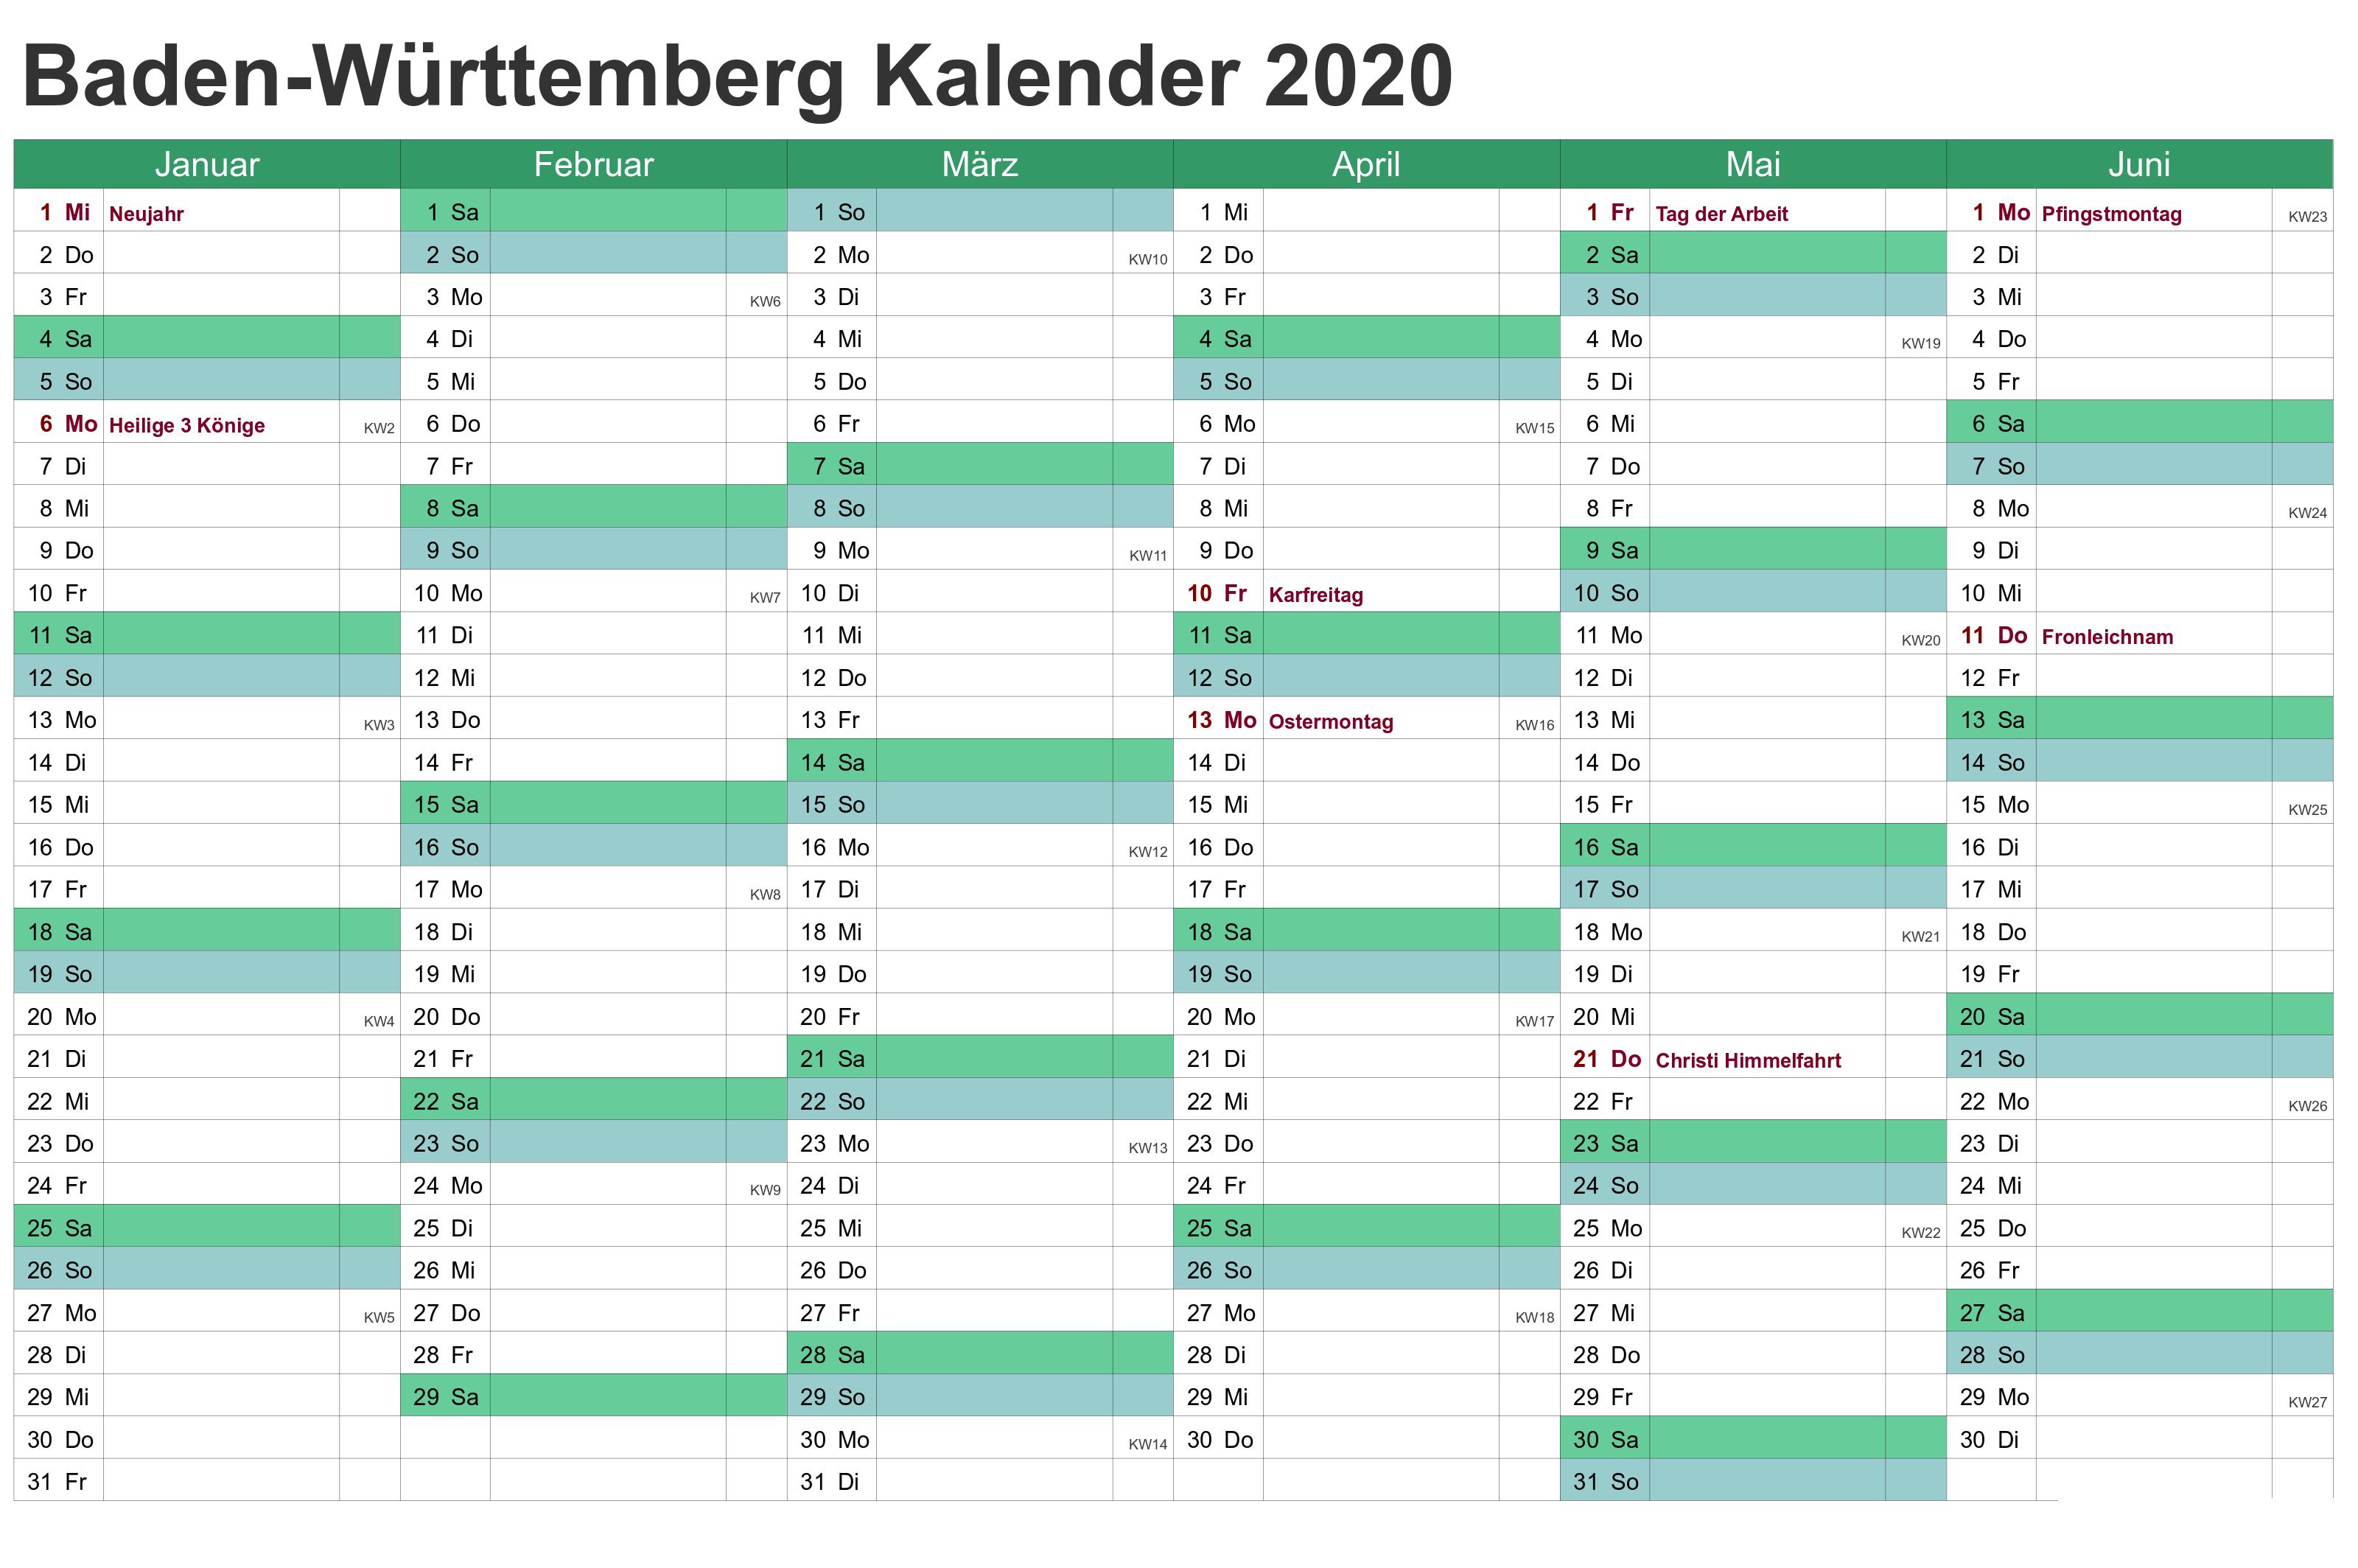 Kalender Baden-Württemberg 2020 Zum Ausdrucken